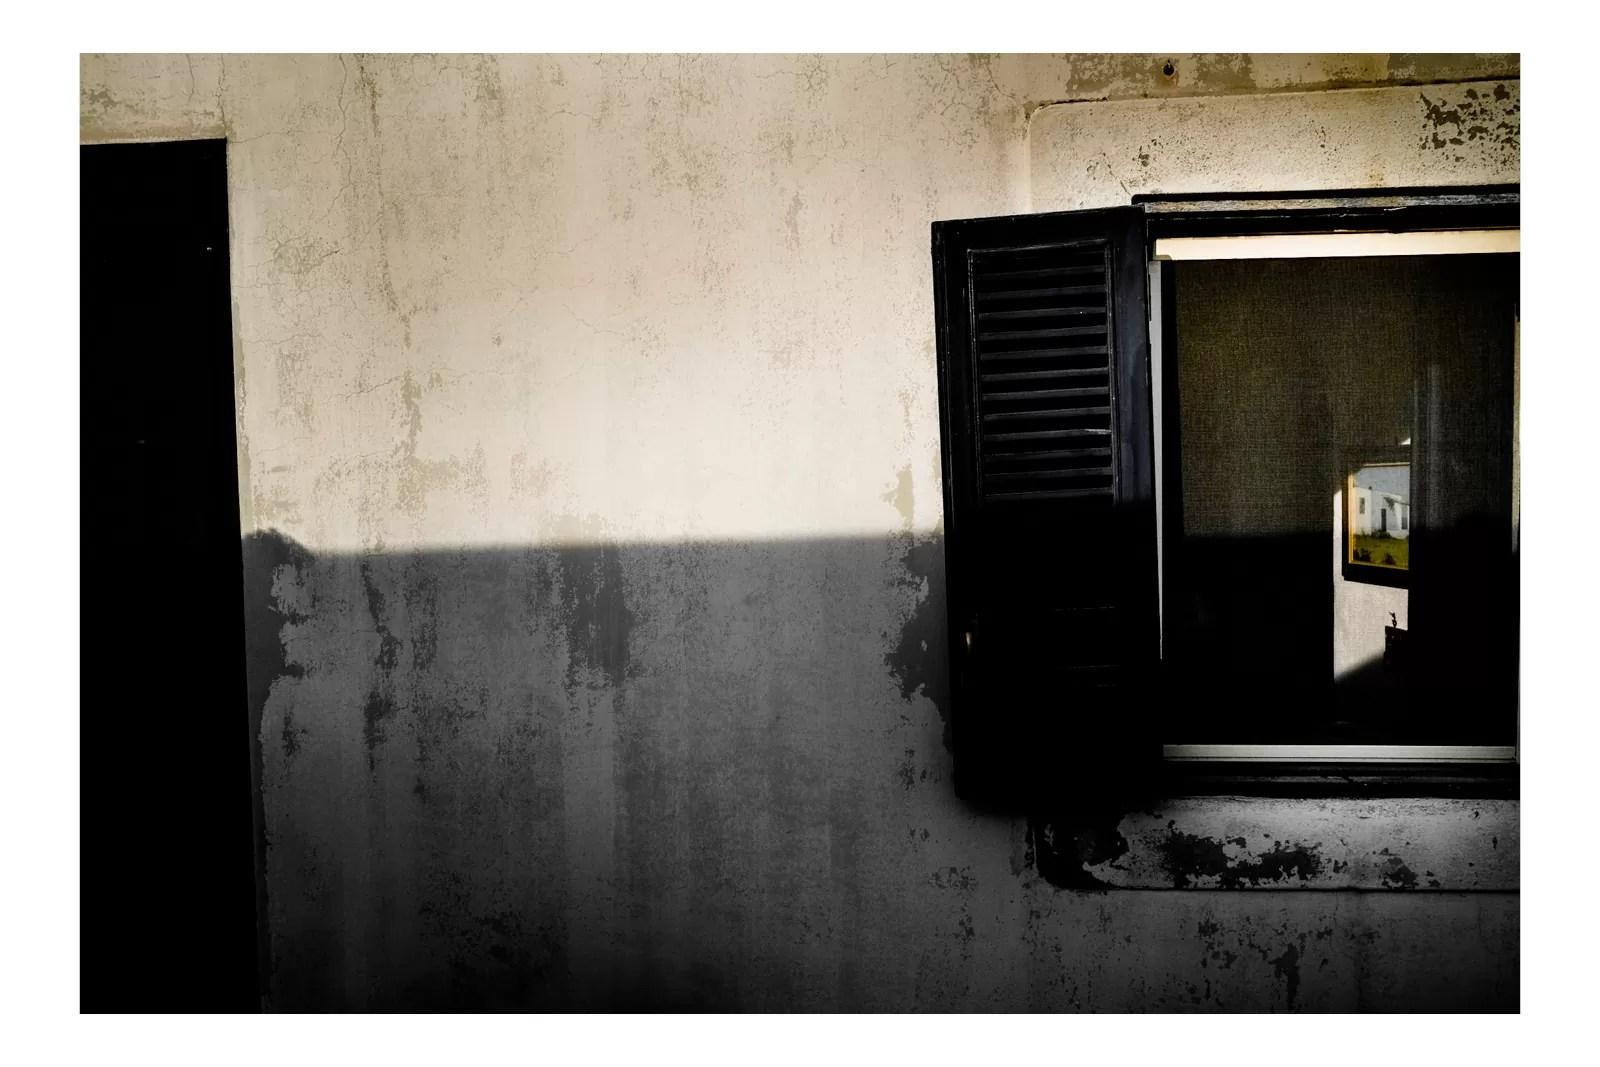 DSCF1421 - Aeolian Style - fotostreet.it